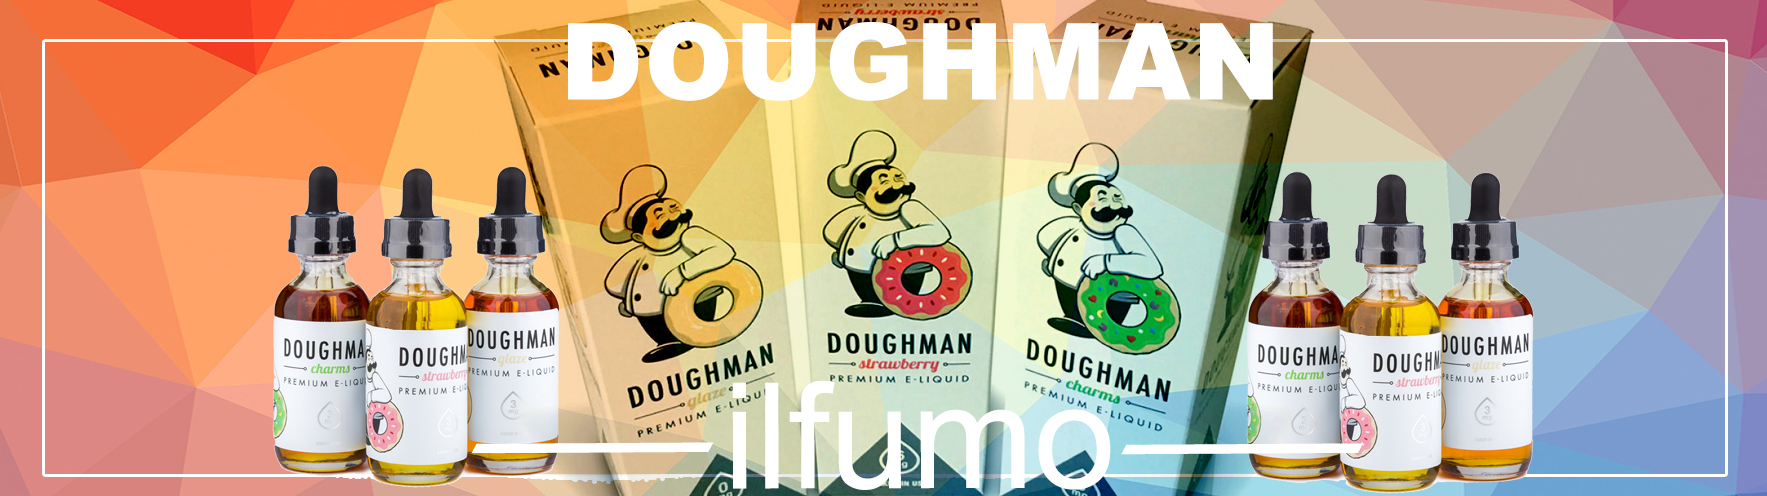 Doughman